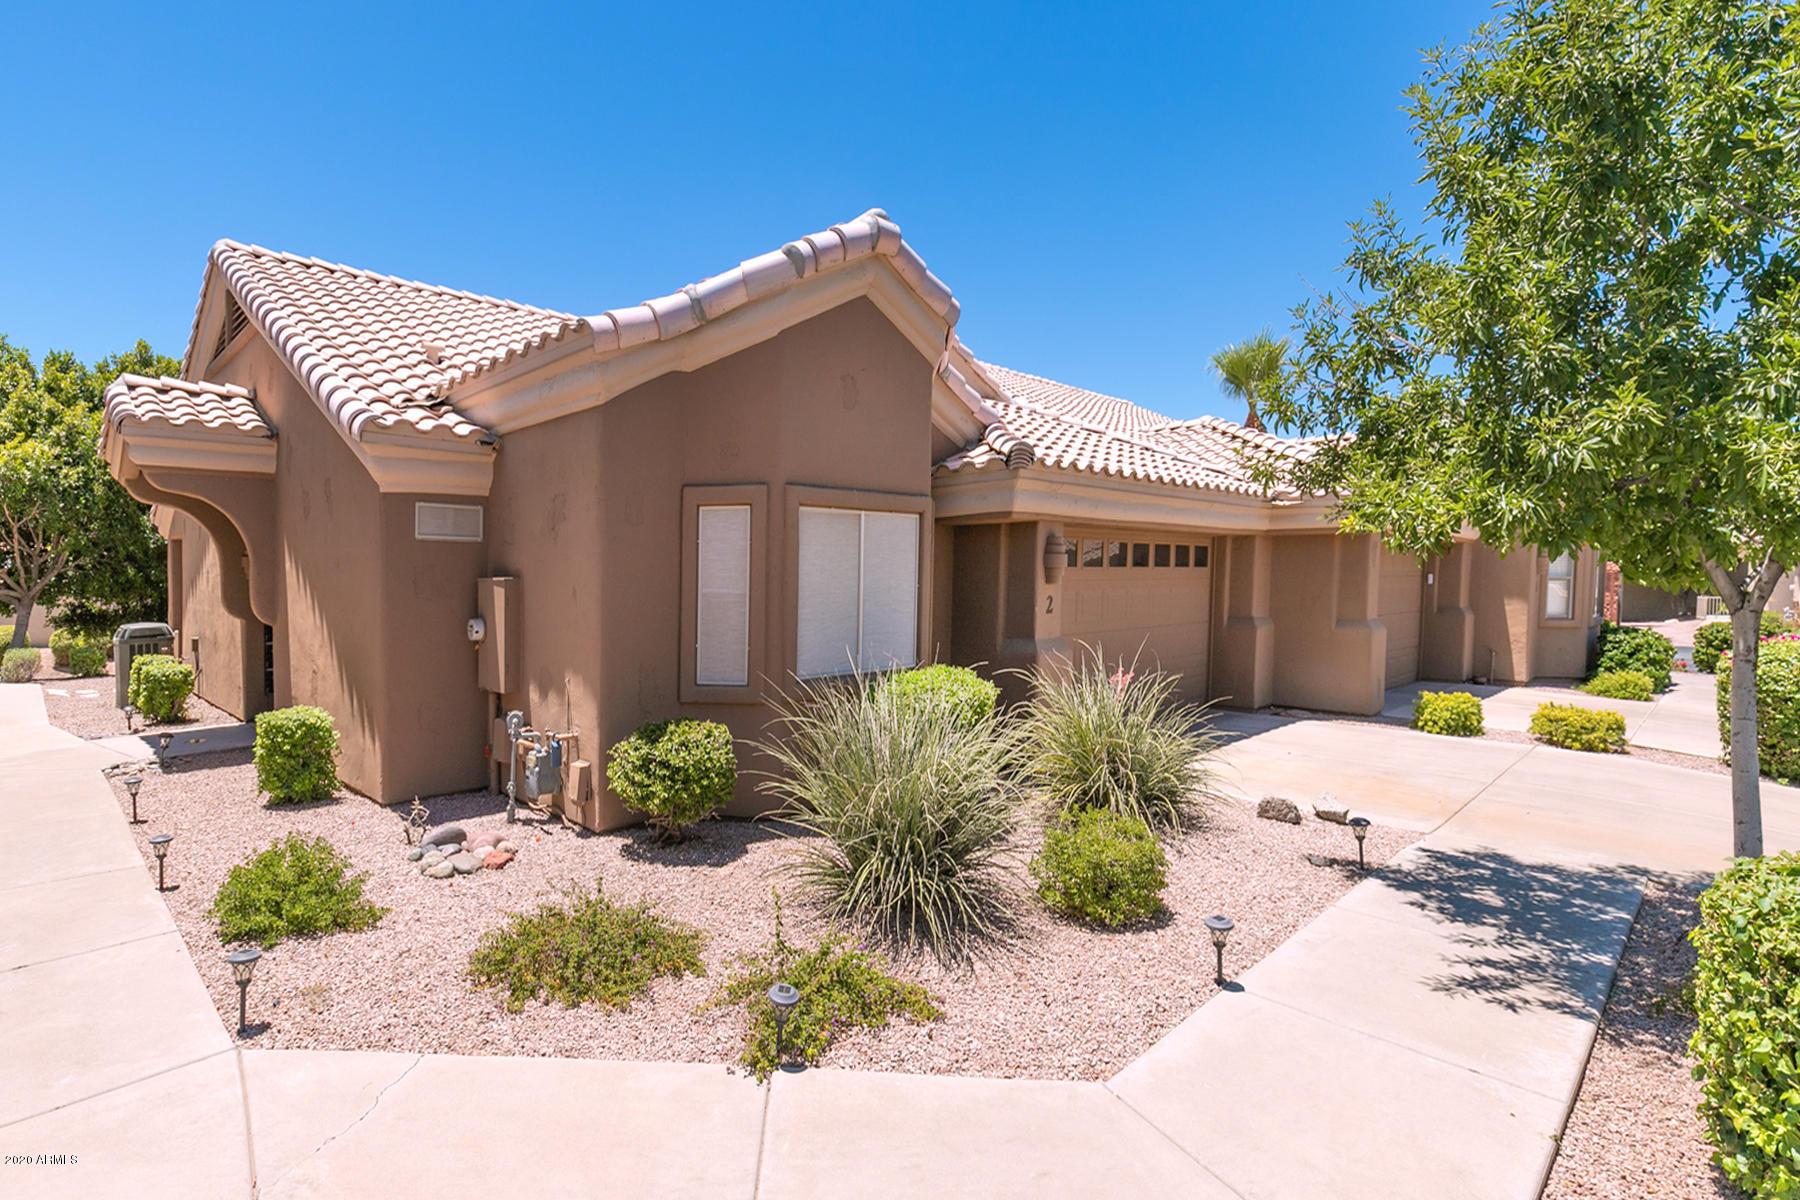 Photo of 5830 E McKellips Road #2, Mesa, AZ 85215